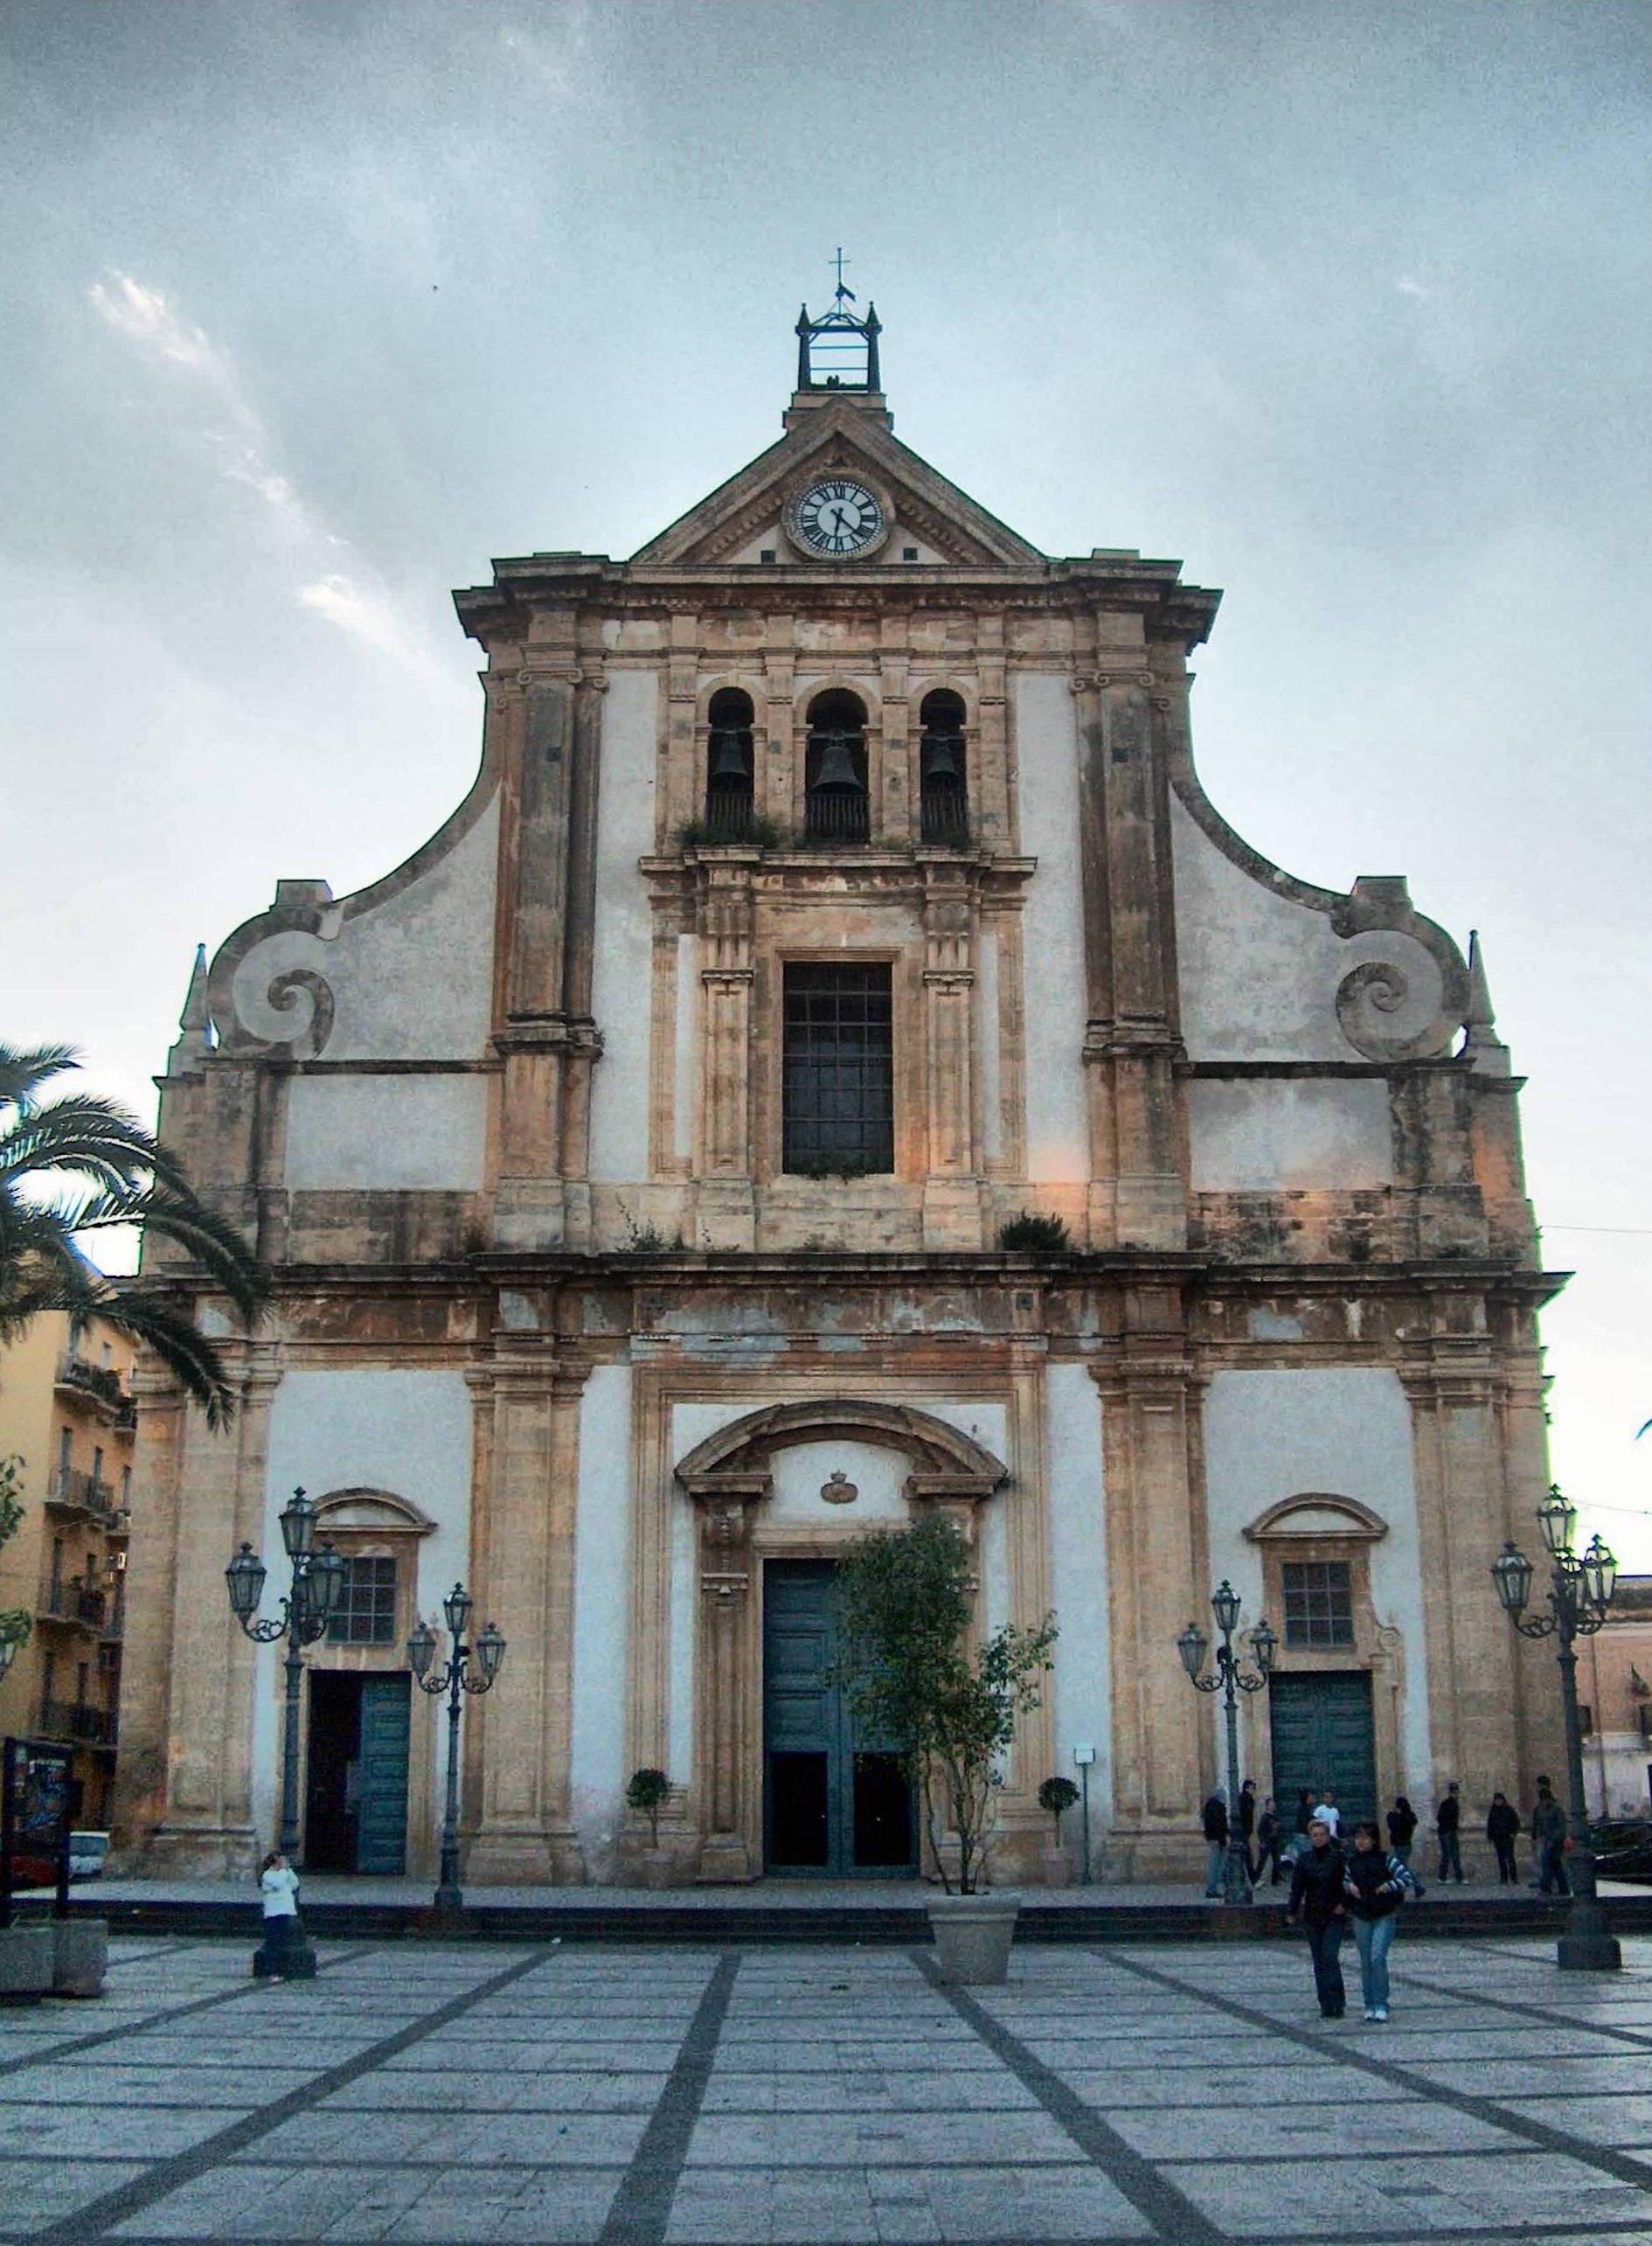 Chiesa di santa maria assunta augusta wikipedia - Finestra a tre aperture ...